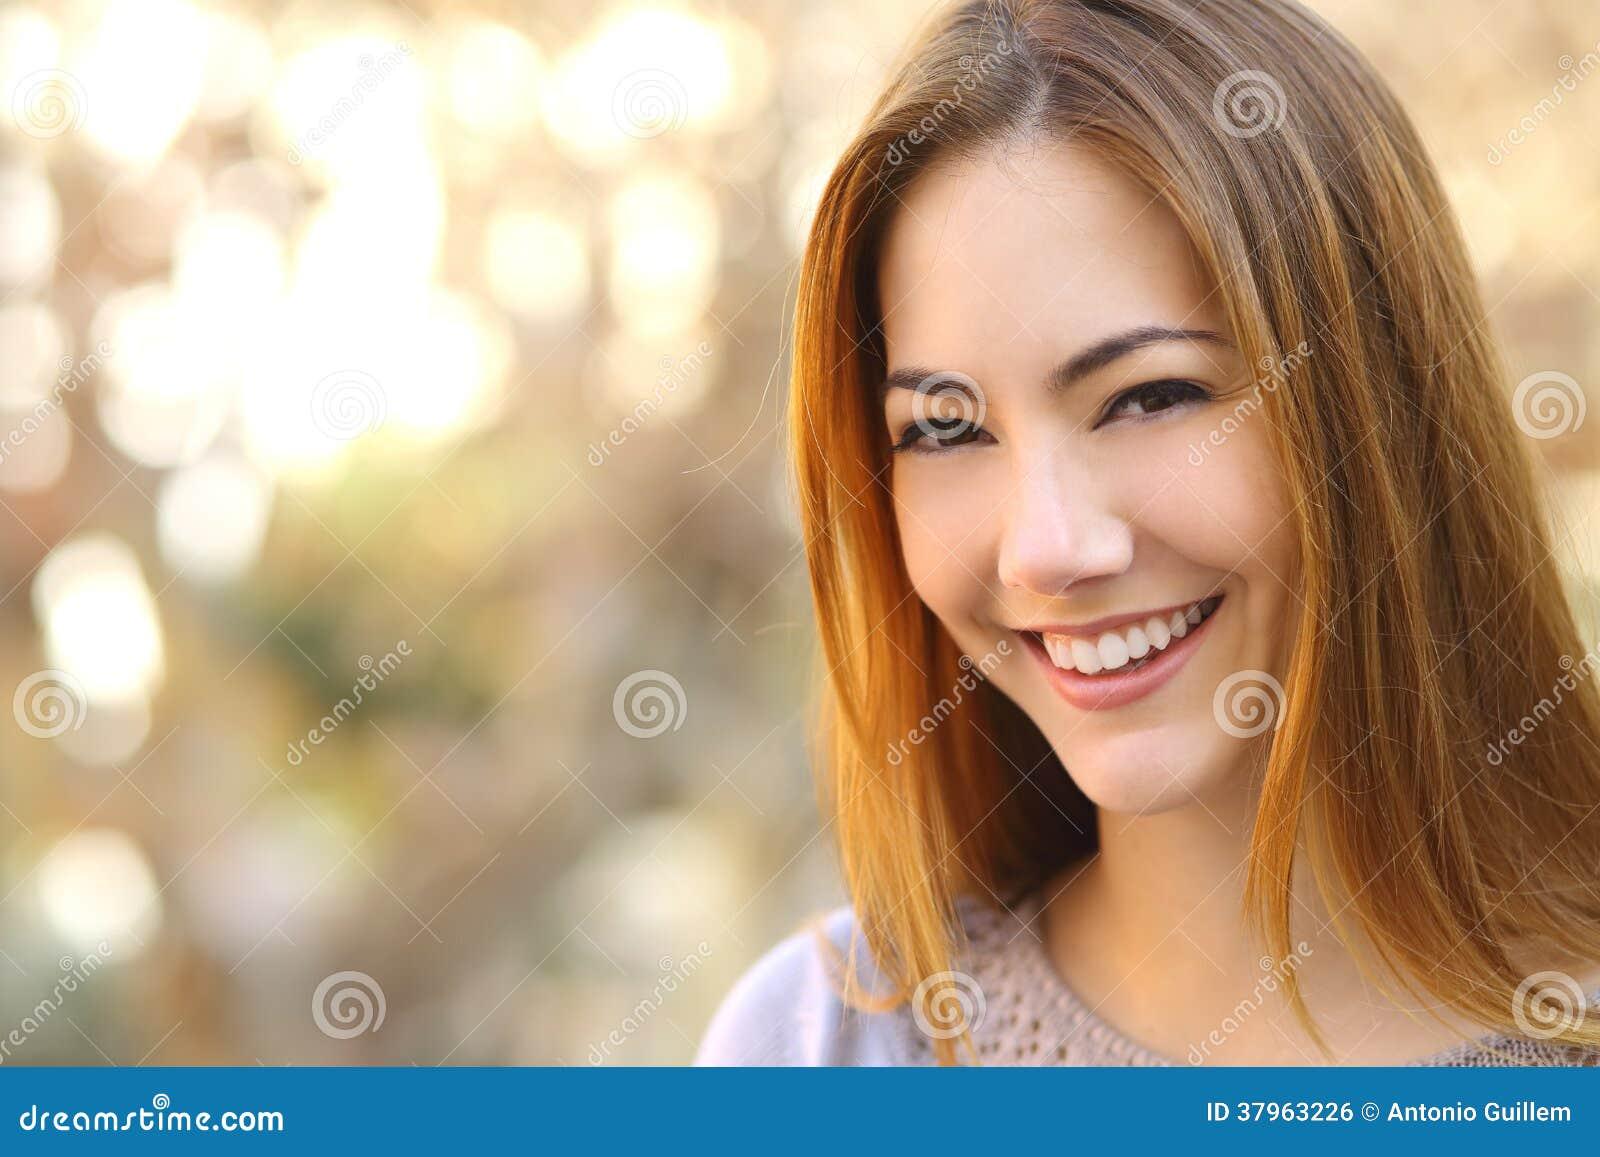 Portret van een mooie gelukkige vrouw met een perfecte witte glimlach